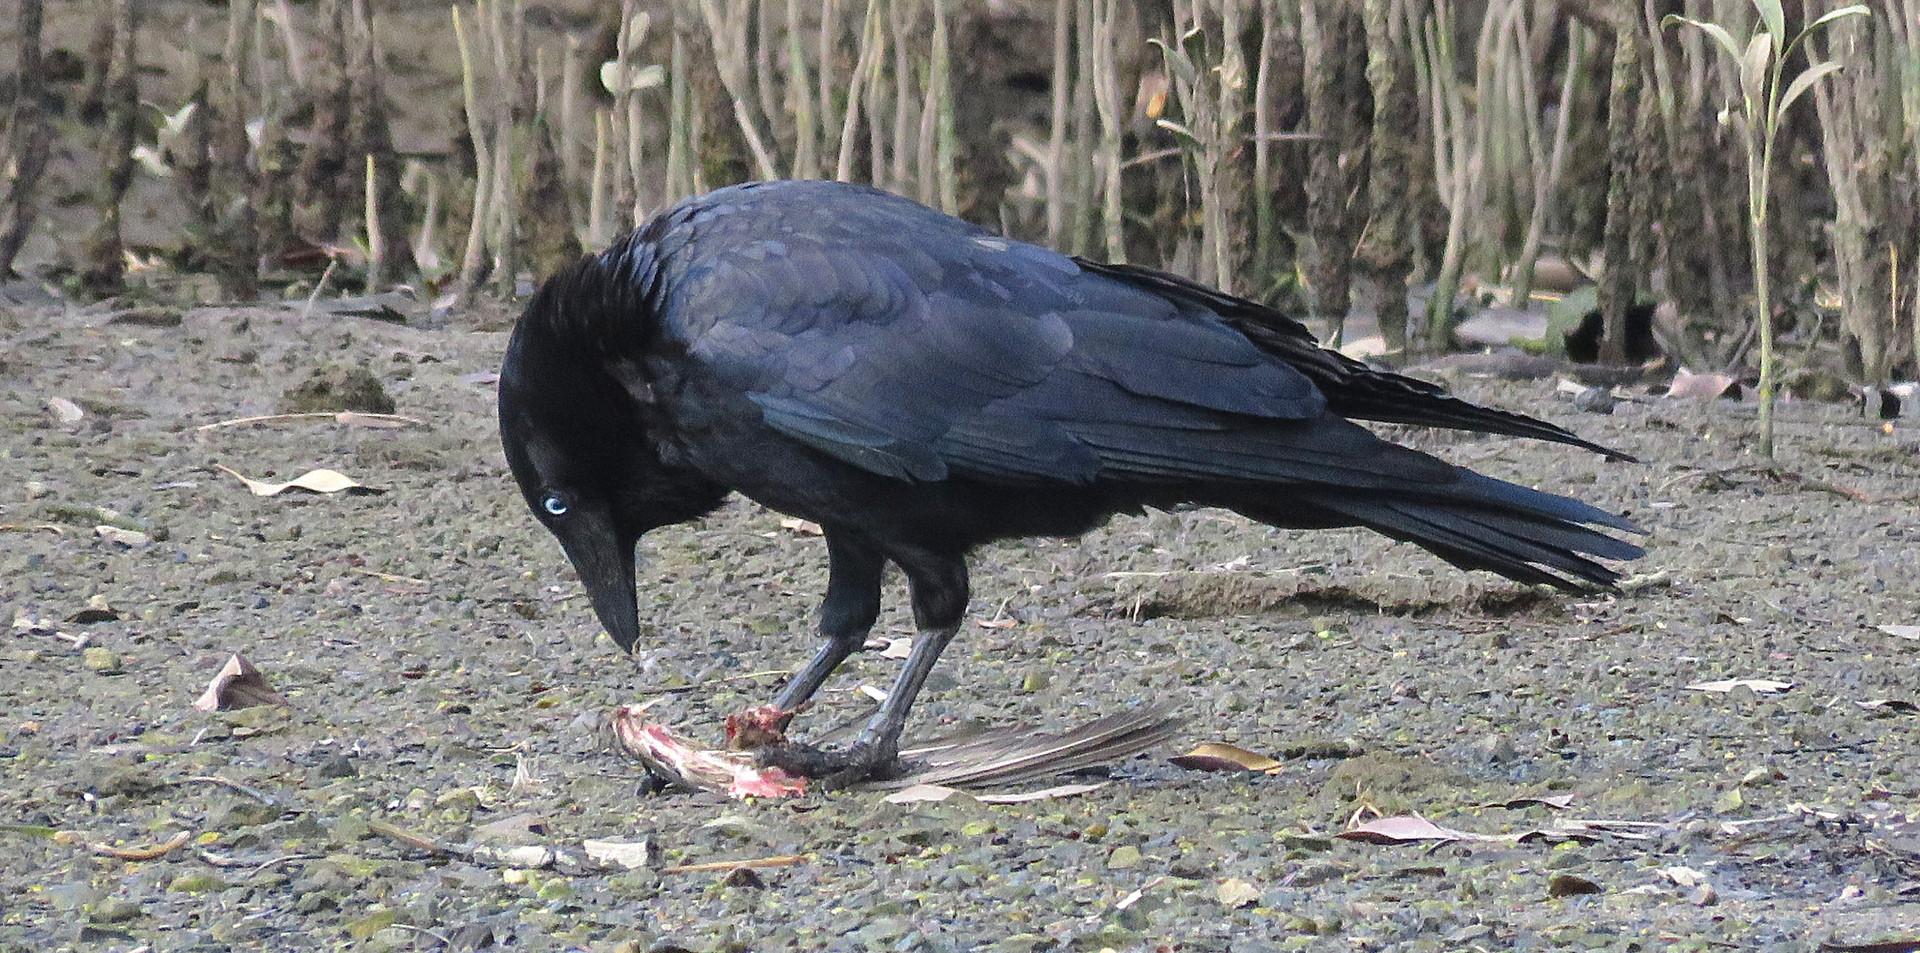 Adult Torresian Crow feeding on a bird wing